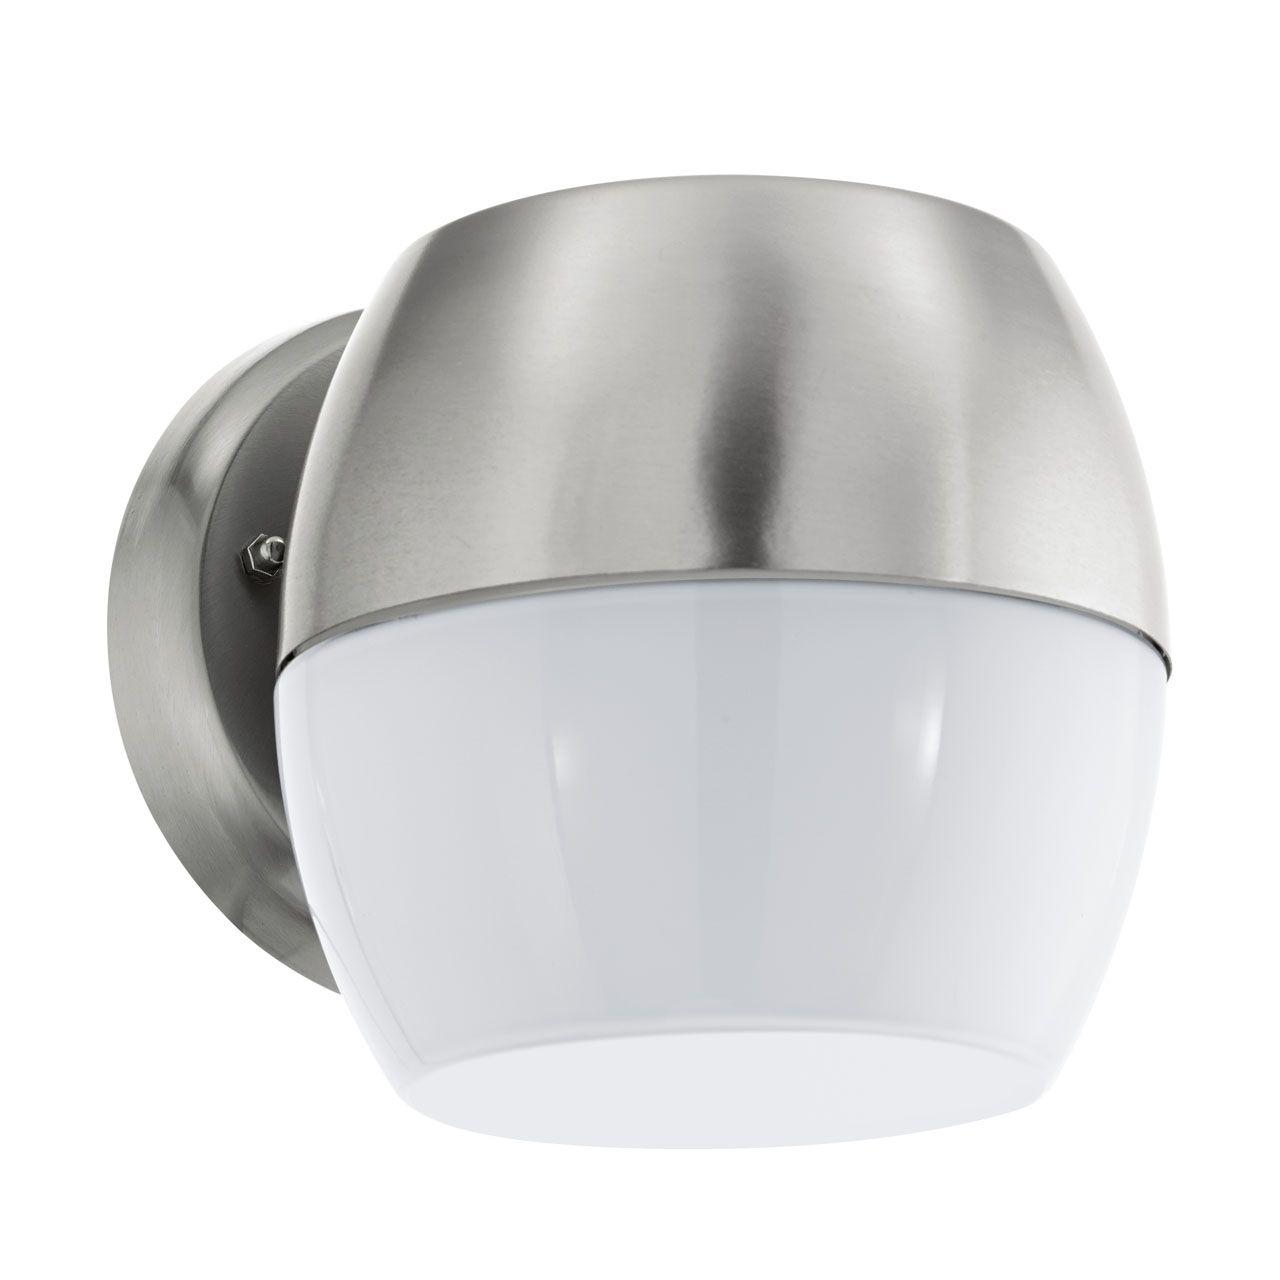 все цены на Уличный настенный светодиодный светильник Eglo Oncala 95982 онлайн